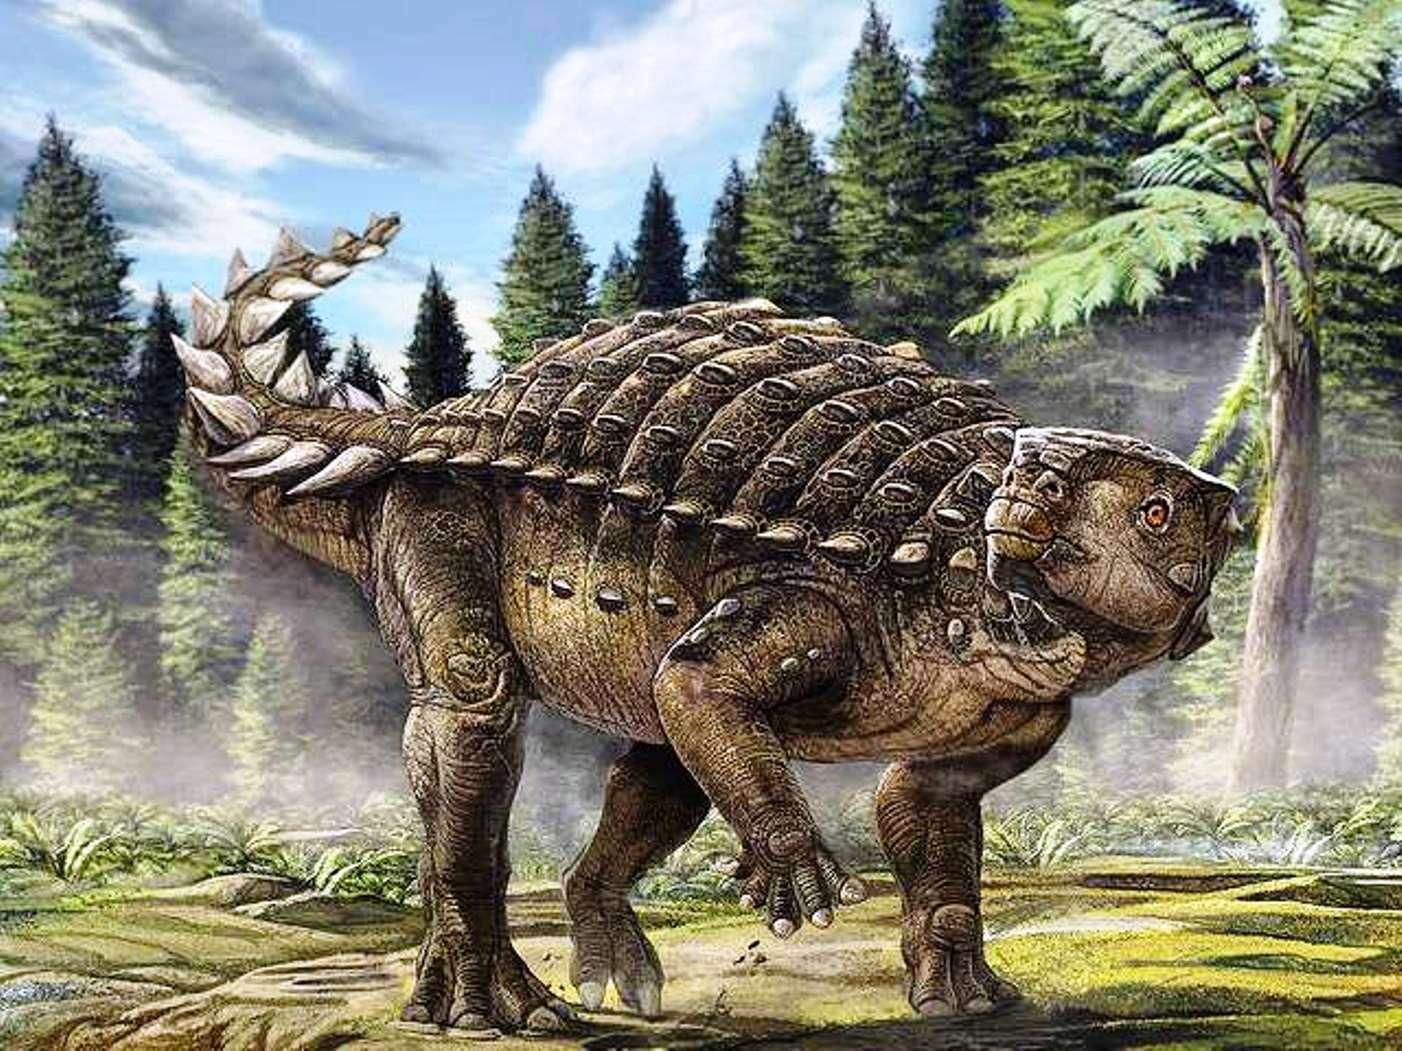 Reconstitution d'artiste du nouveau dinosaure australien Kunbarrasaurus ieversi. © Australian Geographic (image utilisable seulement pour un texte en relation avec cette découverte)